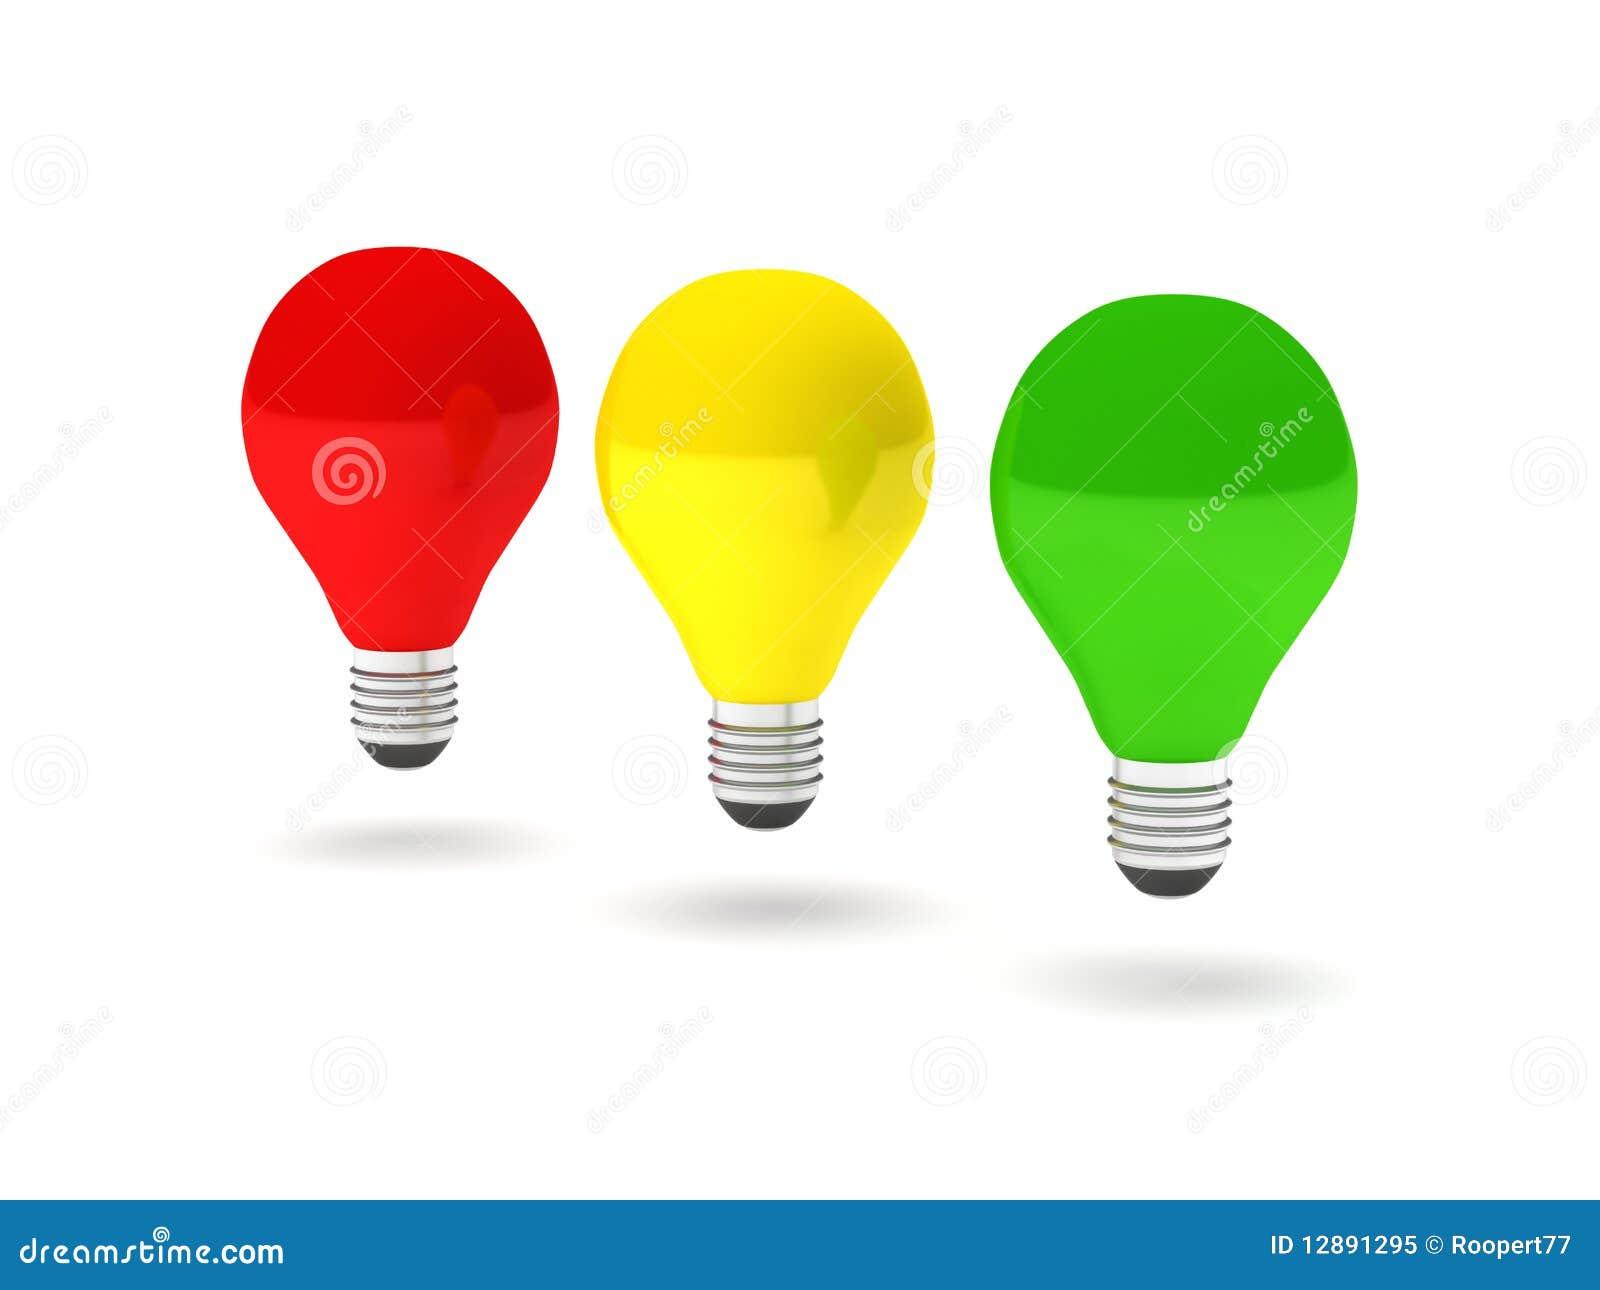 Rood Licht Lamp : De bollen van het rood licht stock illustratie illustratie